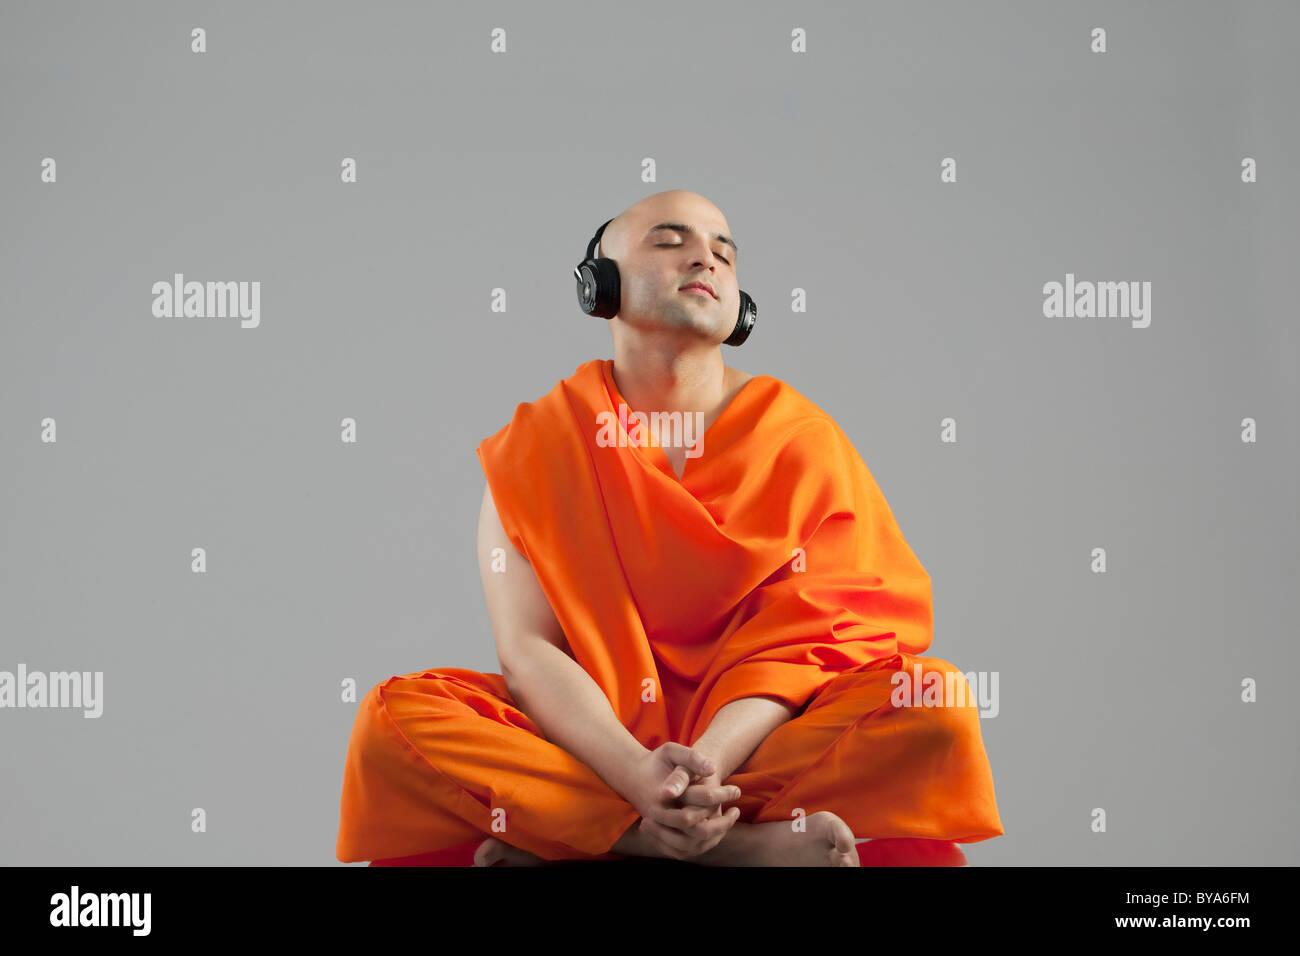 Mönch, Musik hören Stockfoto